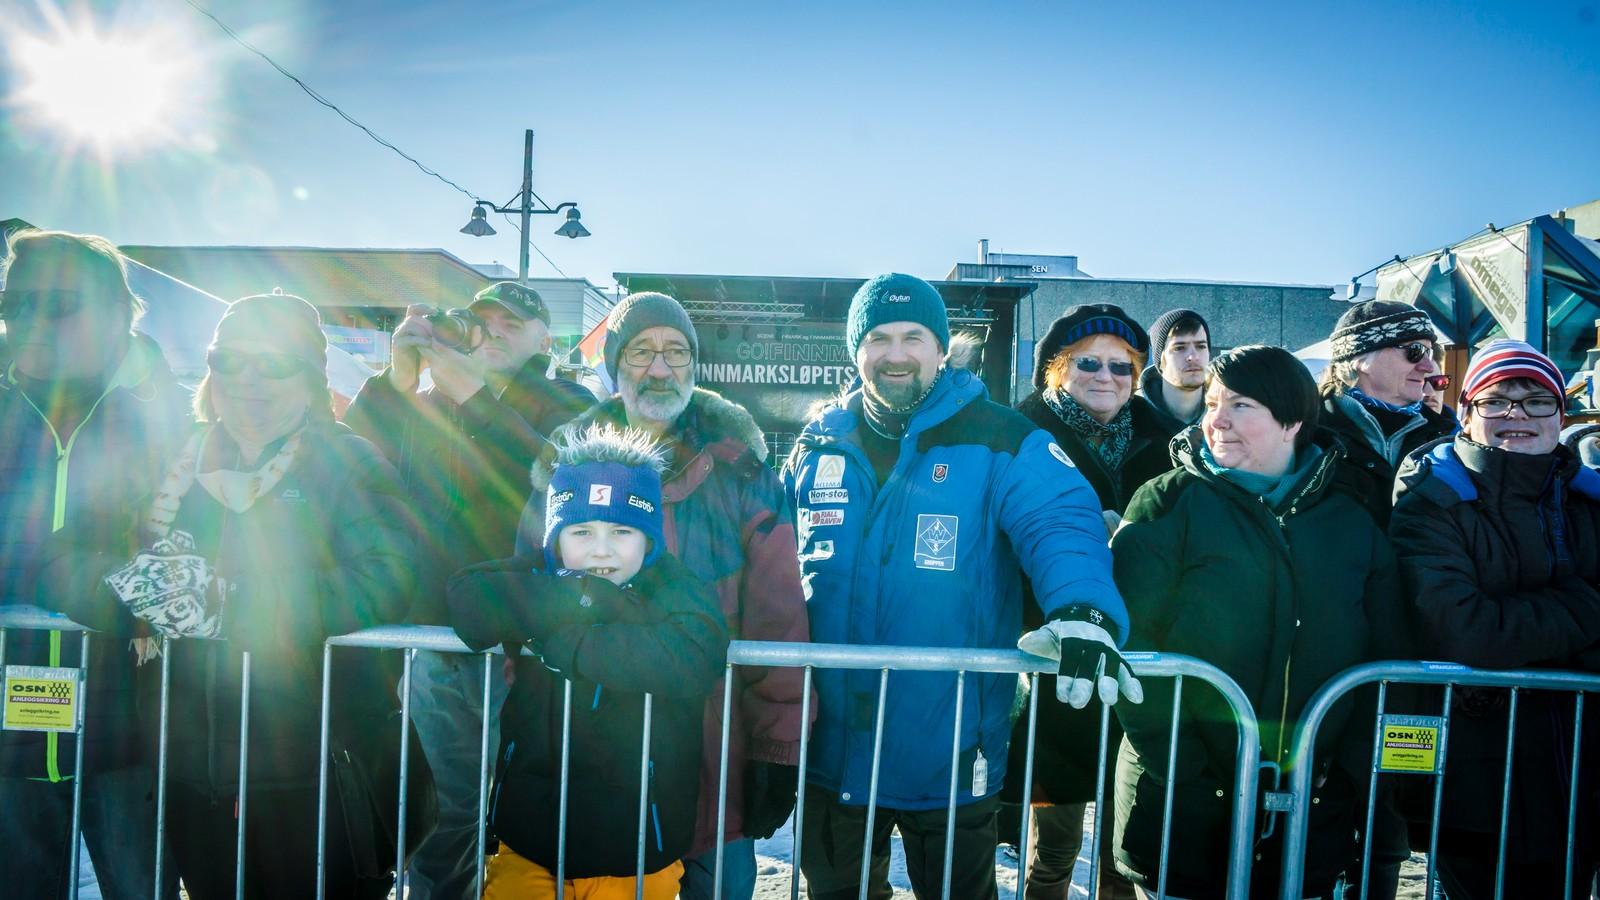 Mange hadde møtt opp for å ønske den ferske norgesmesteren inn til mål. Her i midten blant annet hundekjøreren Harald Tunheim som tidligere har vunnet Finnmarksløpet.